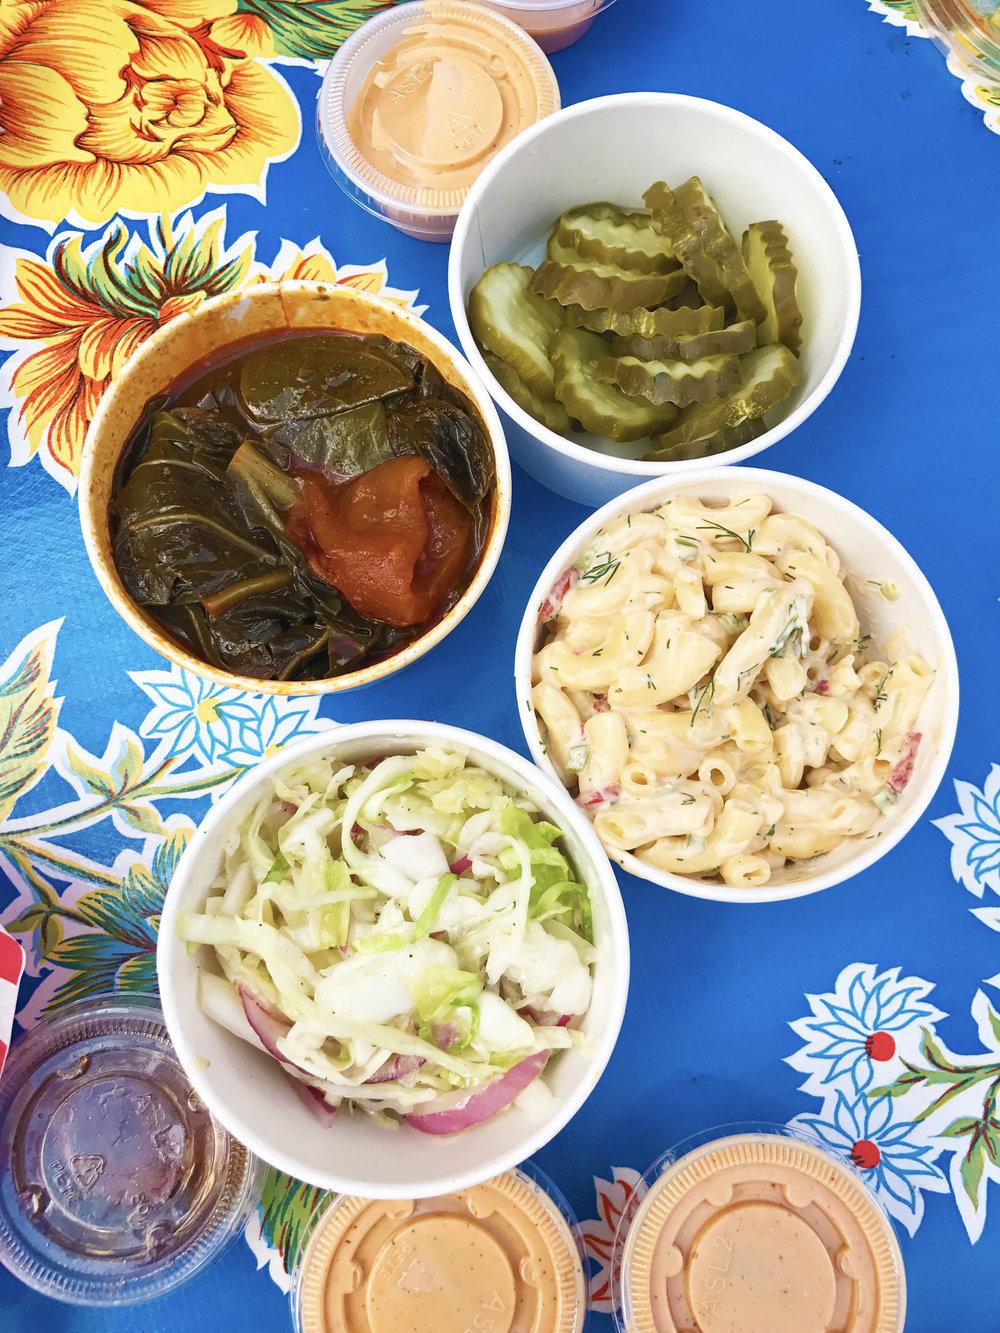 Pickles, Macaroni Salad, Slaw, Collards, and tons of Comeback Sauce